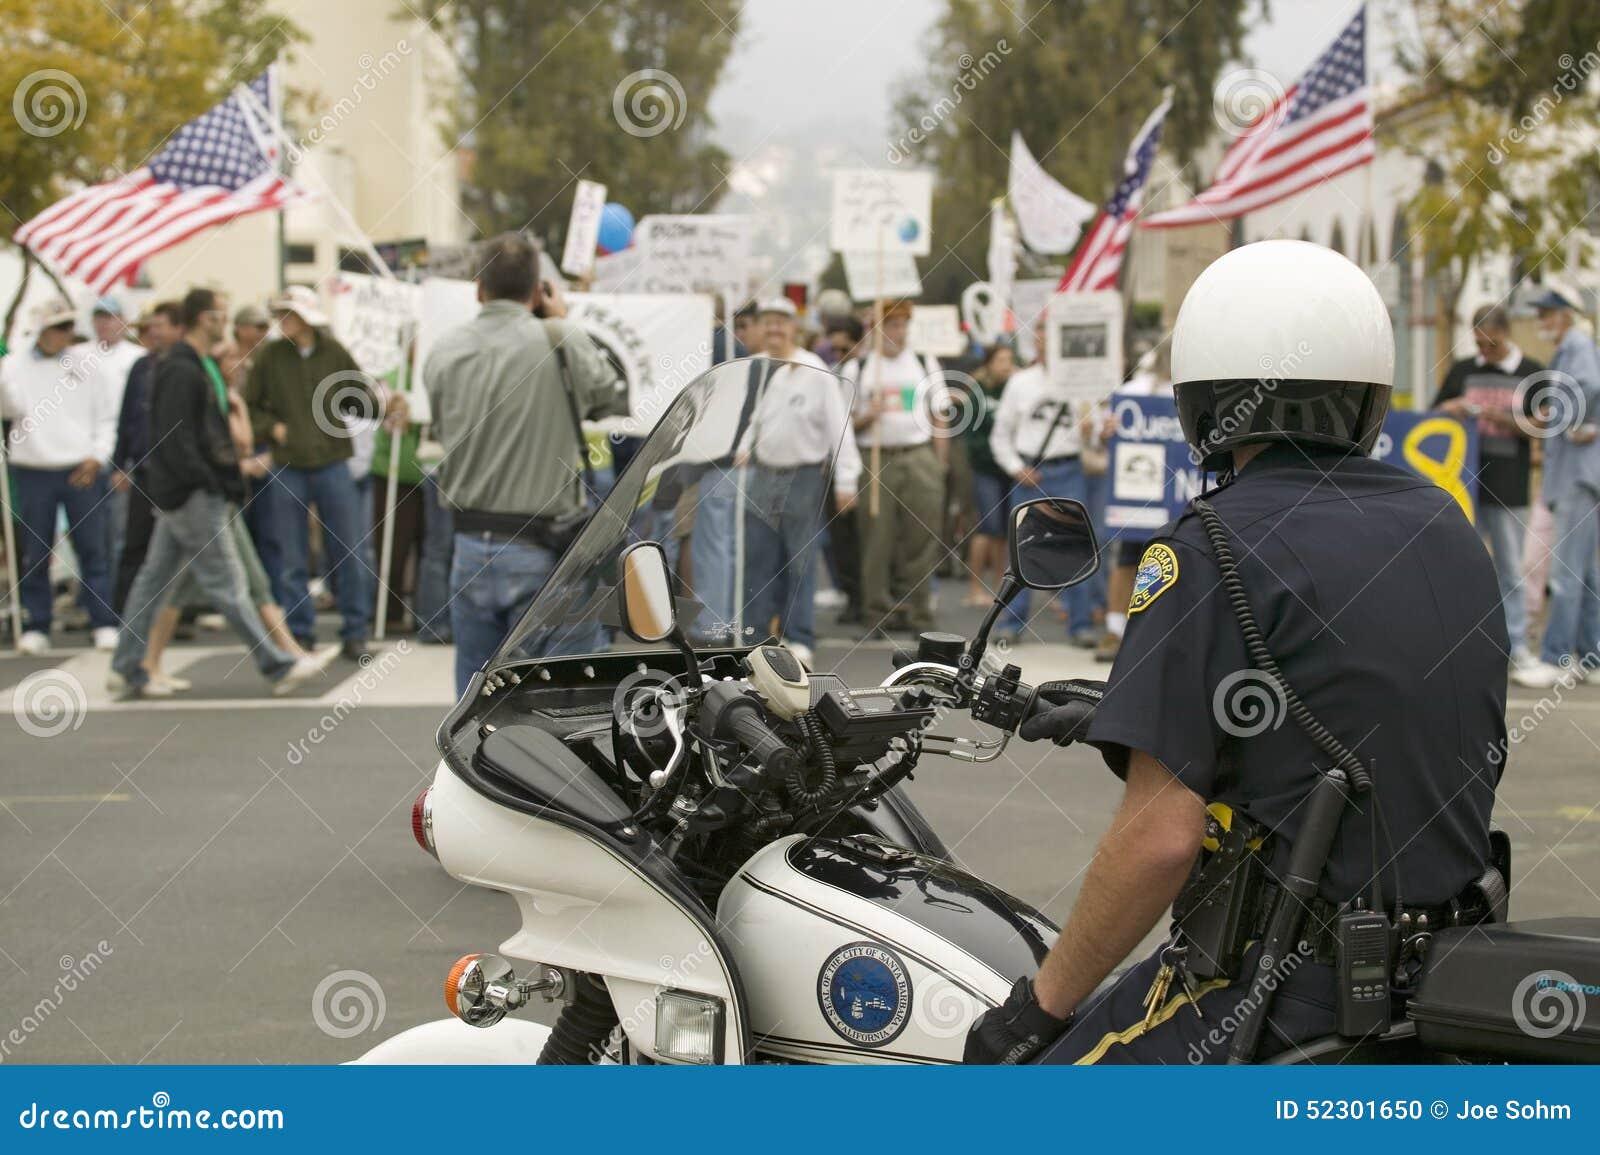 摩托车警察查看抗议者乔治W.布什和伊拉克战争反伊拉克战争抗议游行在圣芭卜拉,在2007年3月17日的加利福尼亚 布什和伊战在反伊拉克战争抗议游行在圣诞老人巴勃